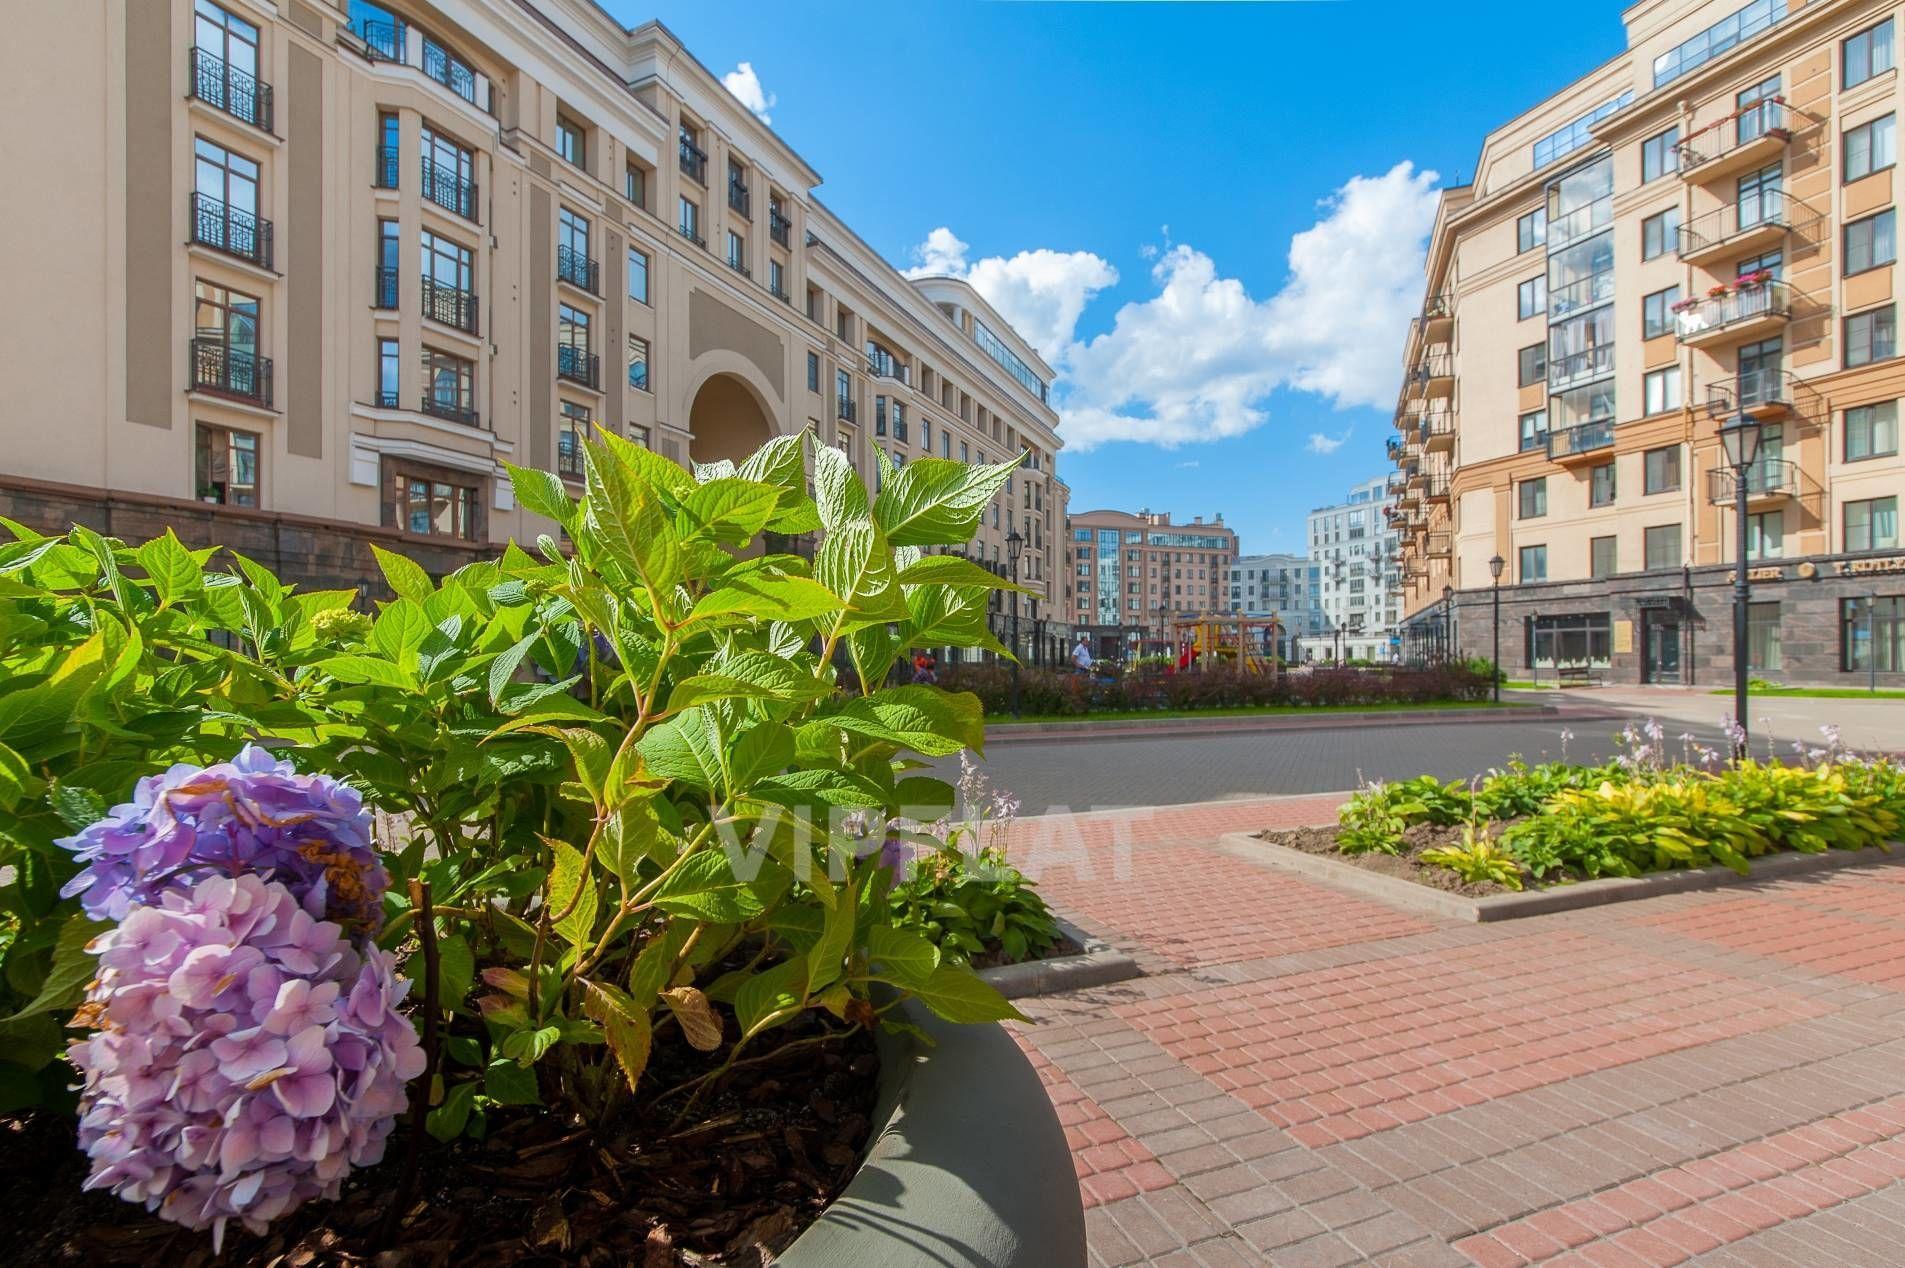 Продажа элитных квартир Санкт-Петербурга. Парадная ул., 3 к. 2 Территория комплекса летом